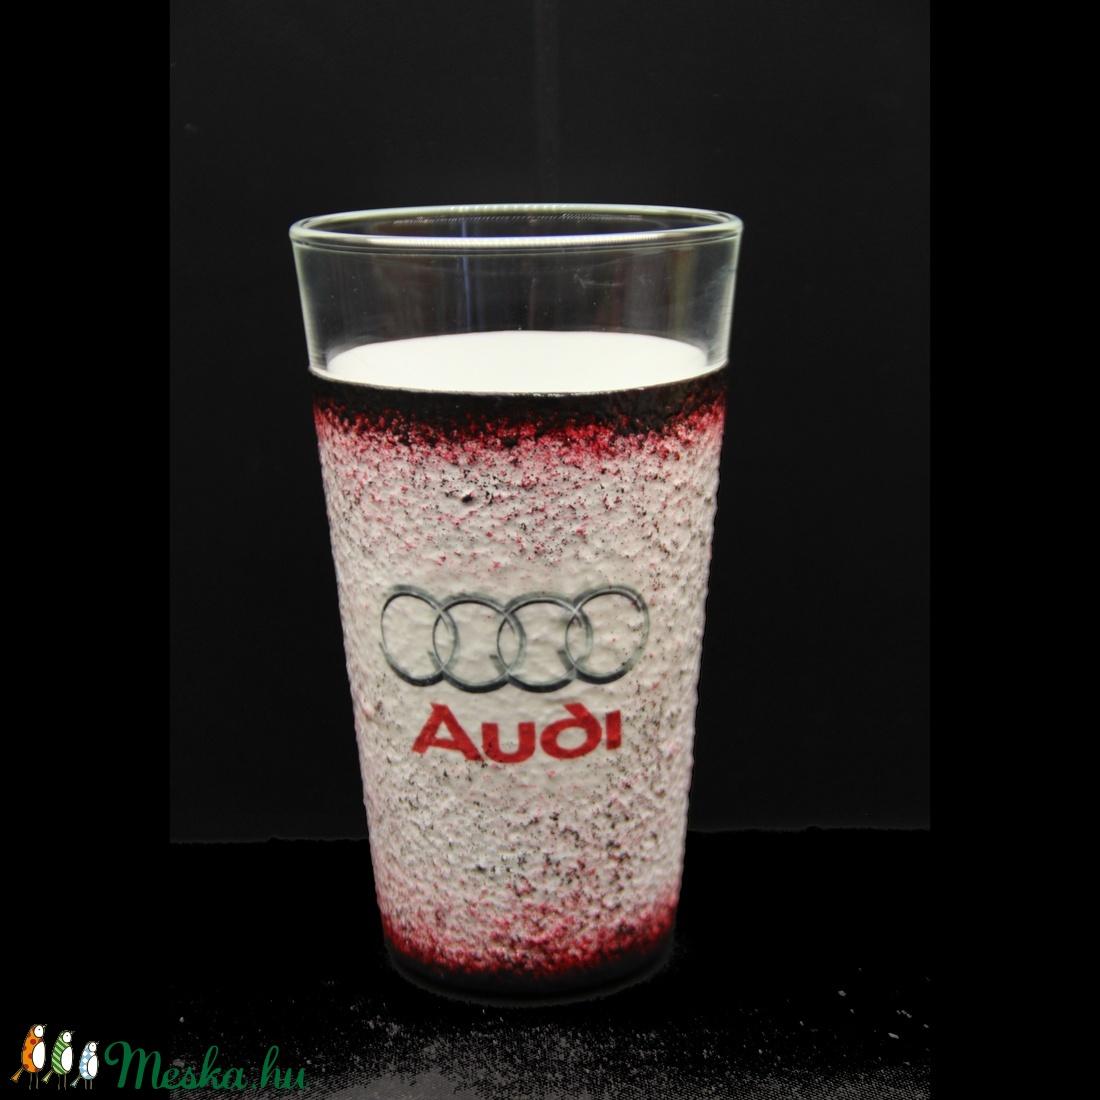 AUDI  emblémával díszített vizes pohár ( 0,3 l )  (decorfantasy) - Meska.hu